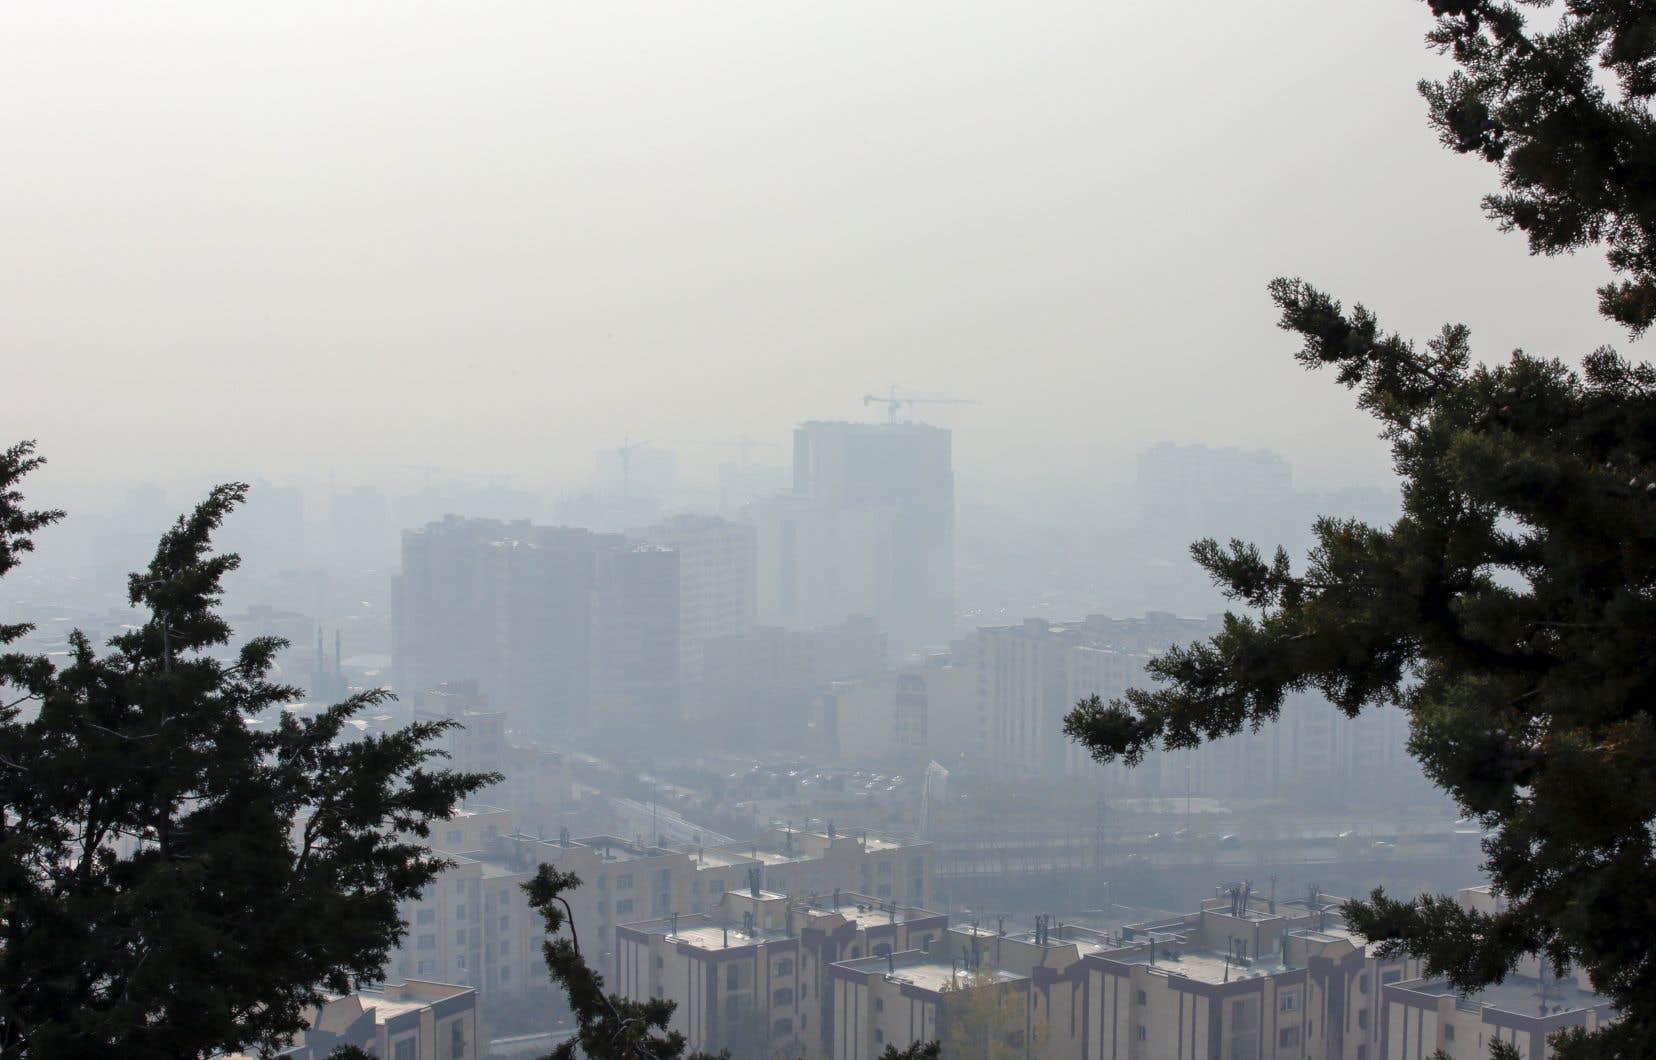 Selon des chiffres officiels publiés dans la presse iranienne, la pollution de l'air provoque chaque année 30 000 décès en Iran.